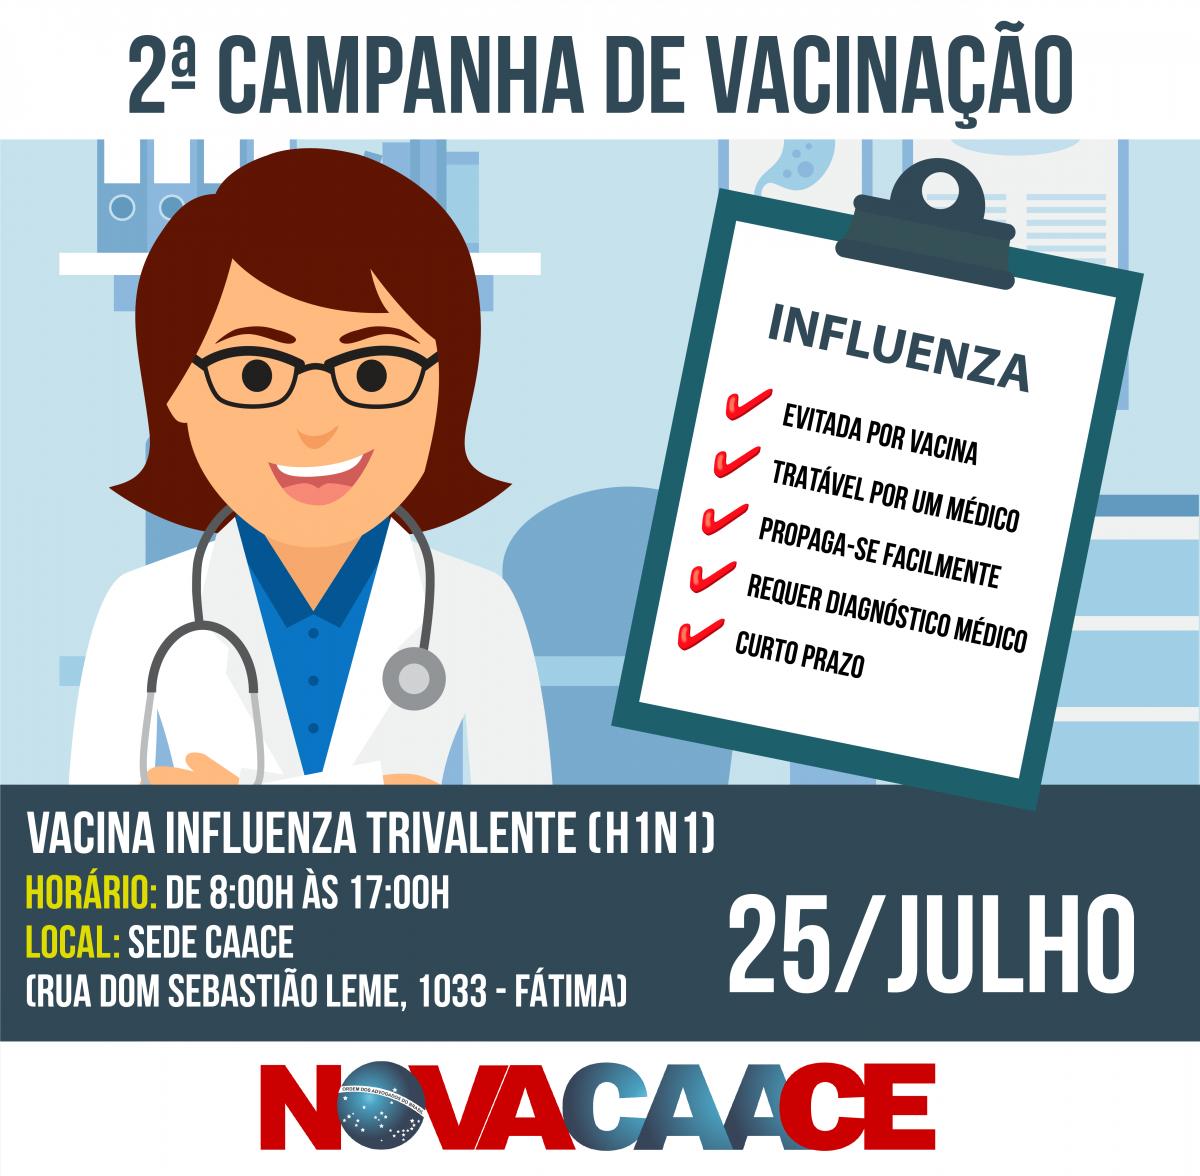 2ª Campanha de Vacinação CAACE